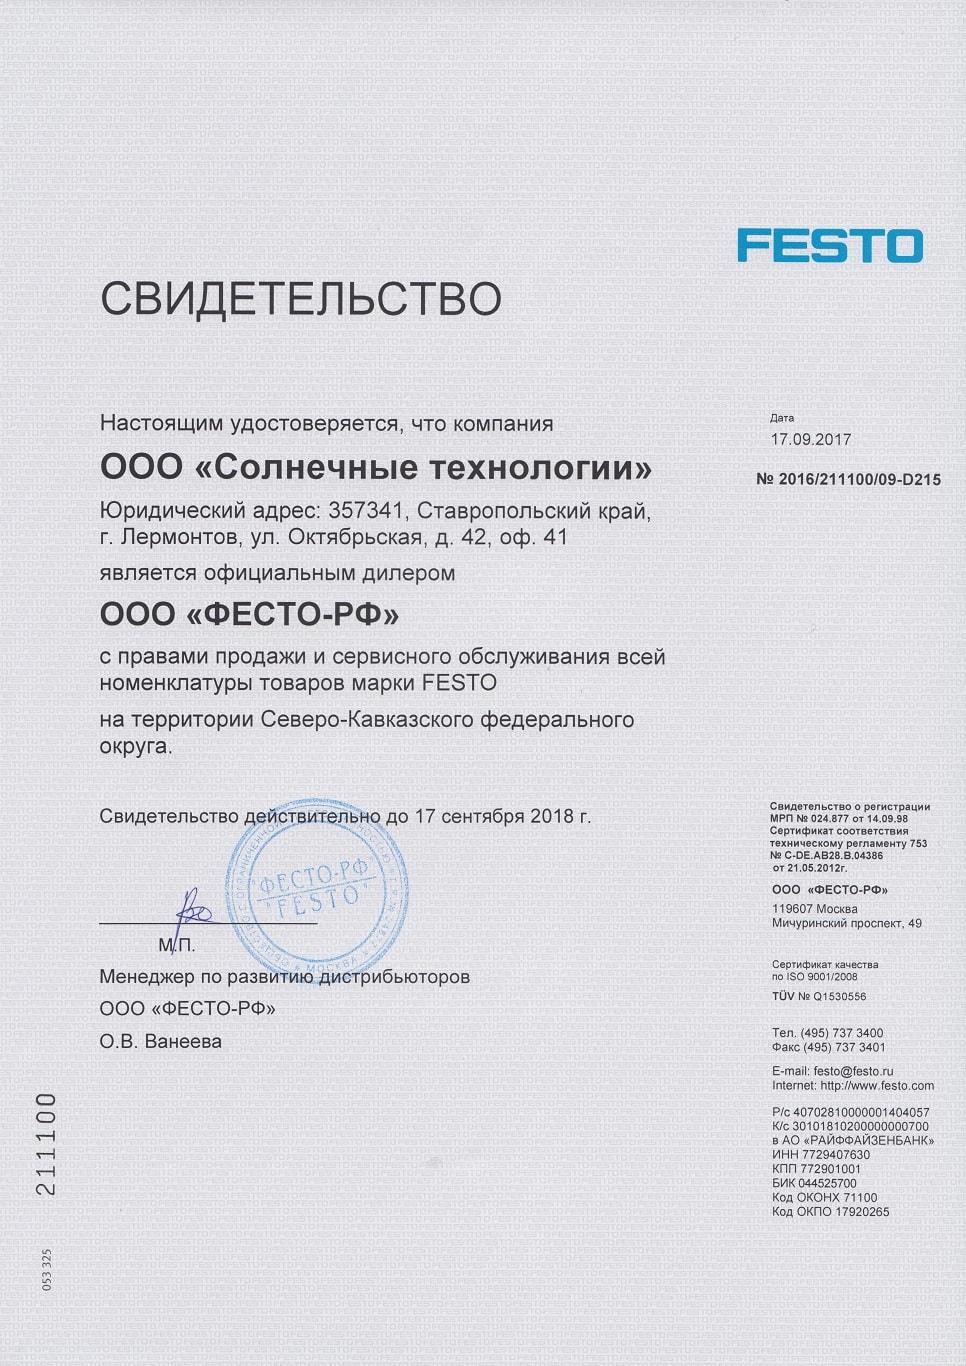 Свидетельство официального дилера Festo - ООО Электротехнологии